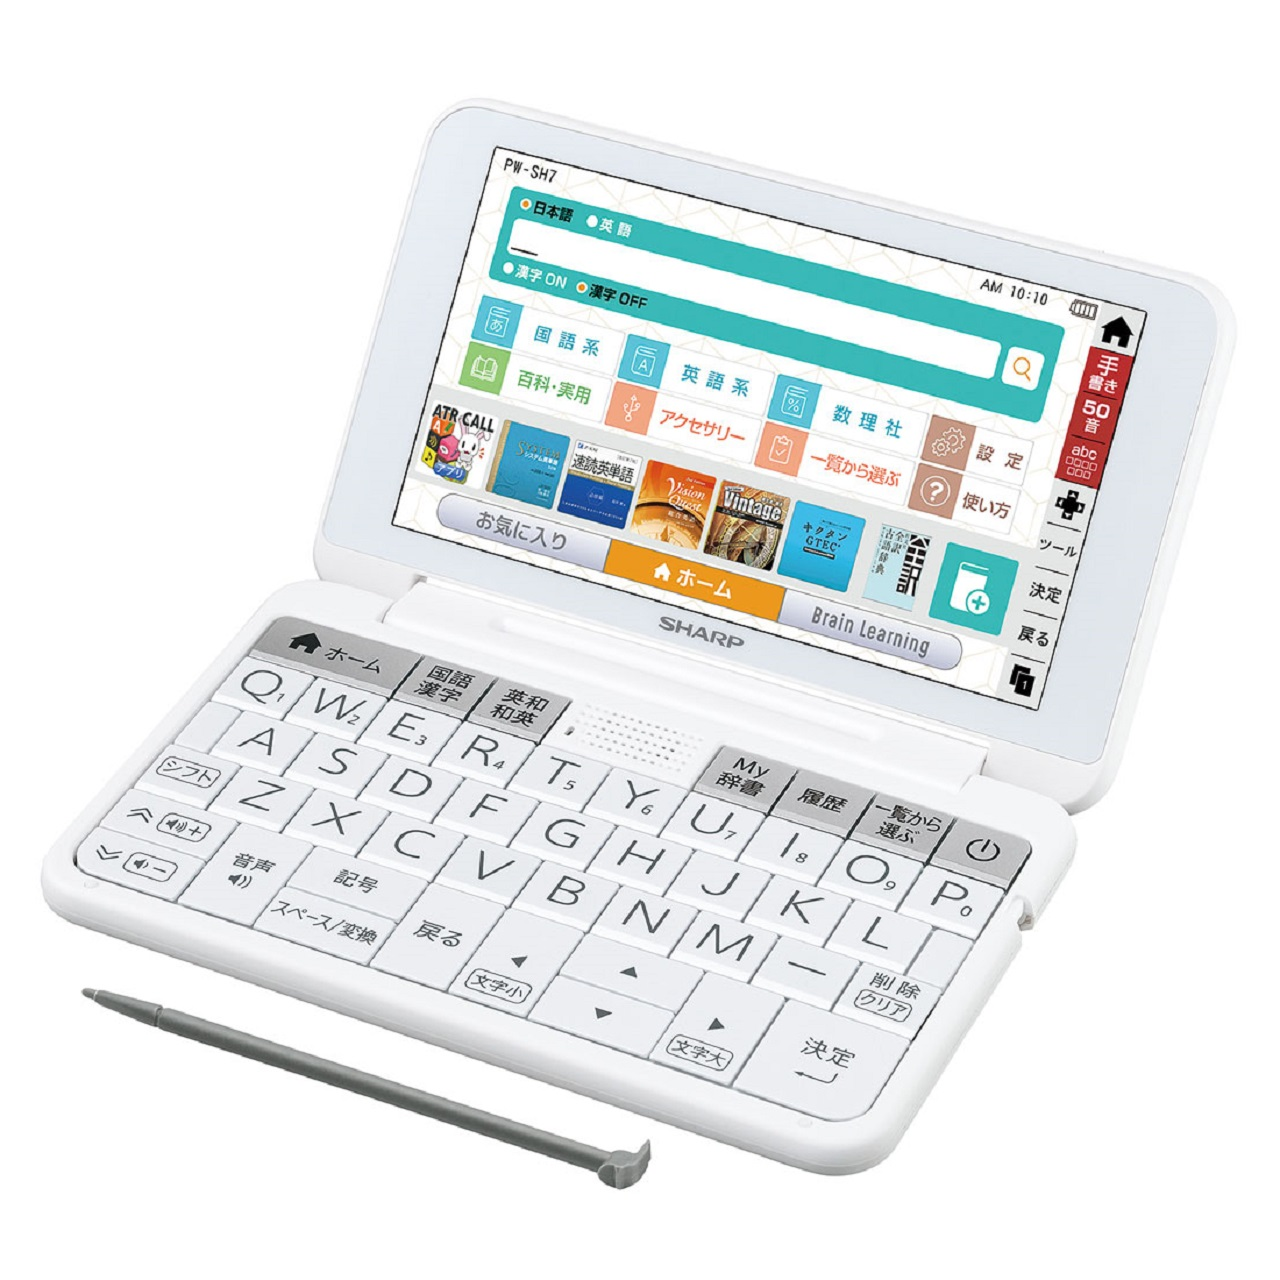 シャープBrain PW-SH7電子辞書 高校生モデル